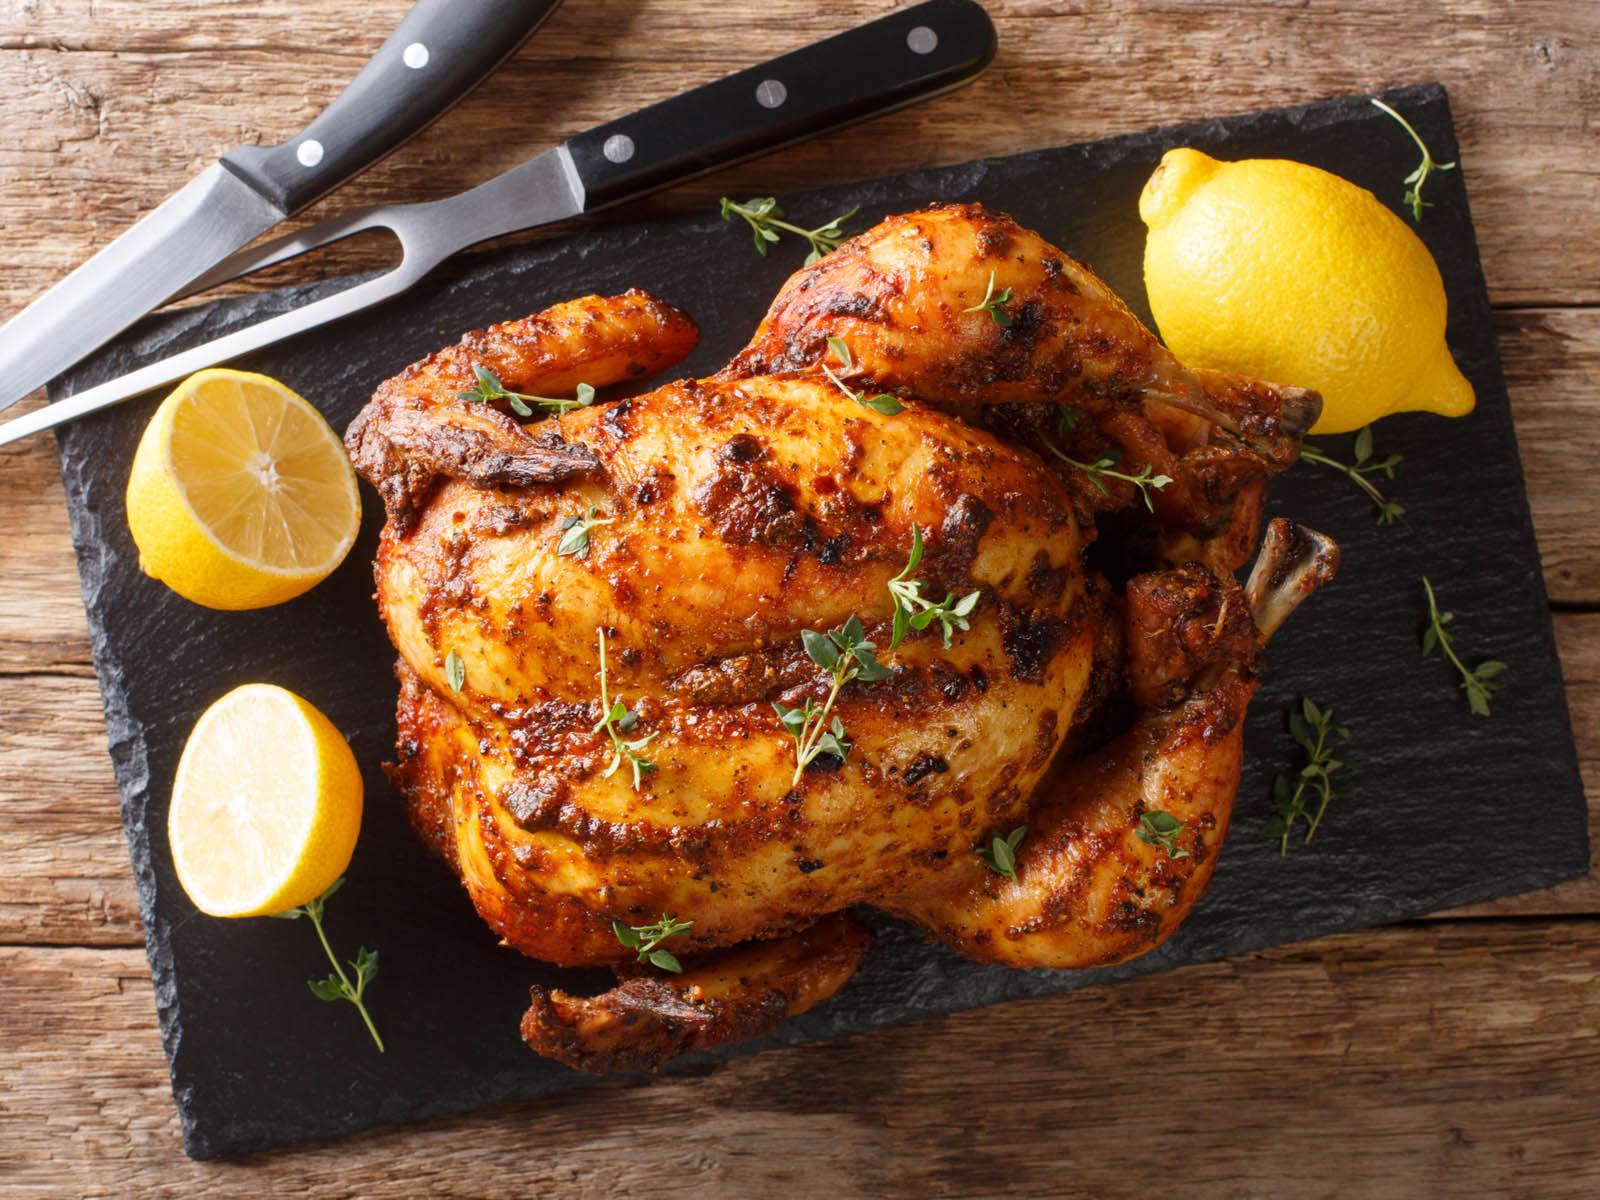 Ricette Italiana Di Pollo.Pollo Ricette Migliori Per Cucinarlo In Tutti I Modi Donna Moderna